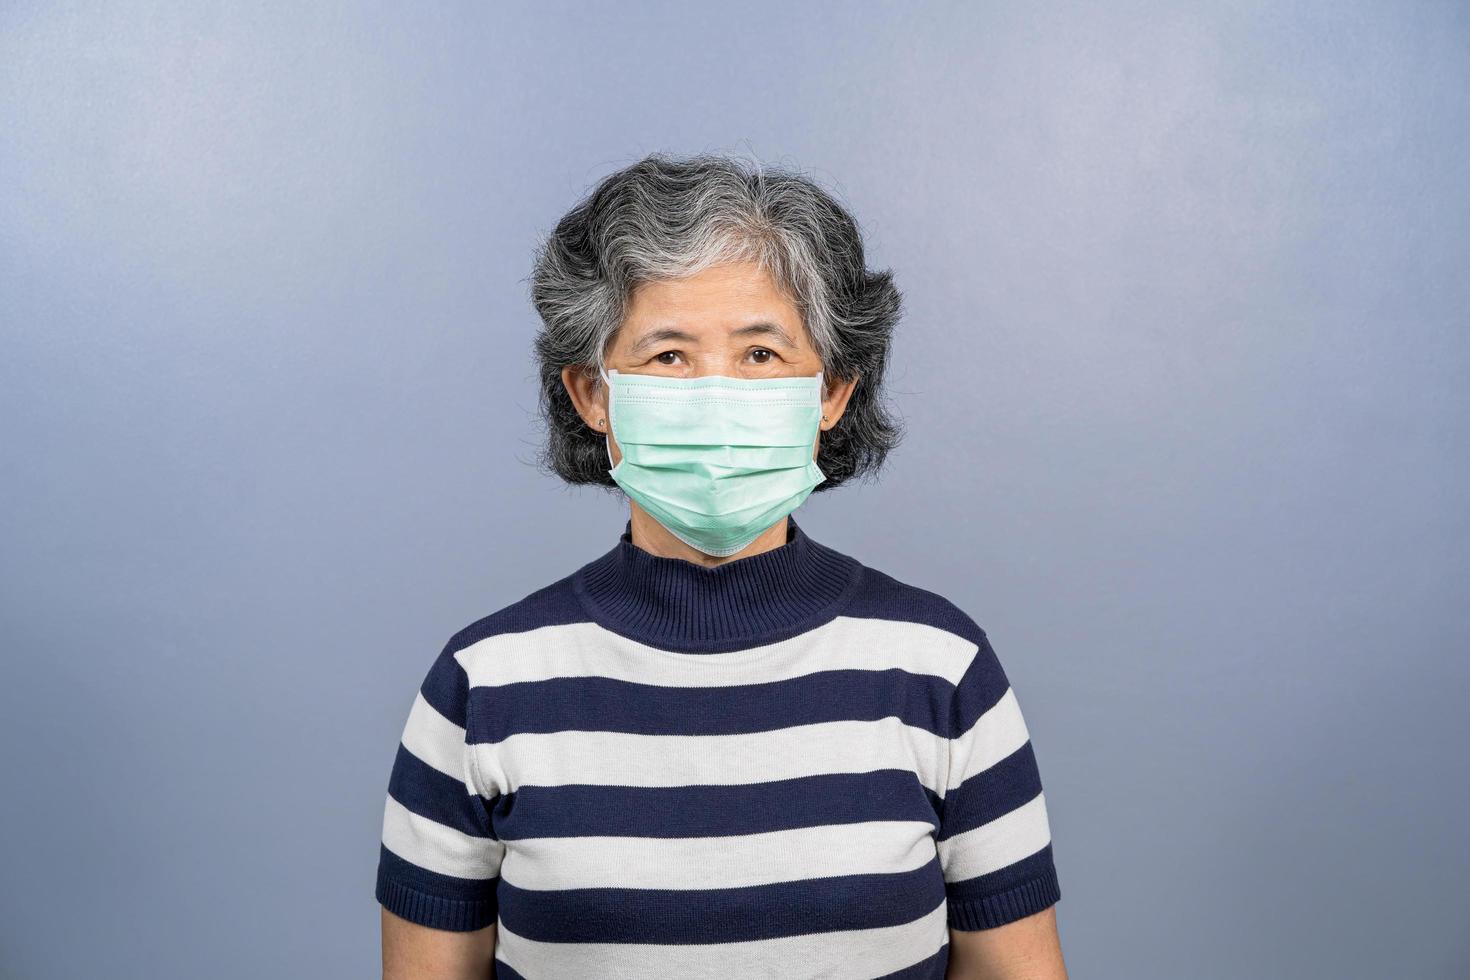 een oudere Aziatische vrouw chirurgische masker dragen op solide achtergrond foto